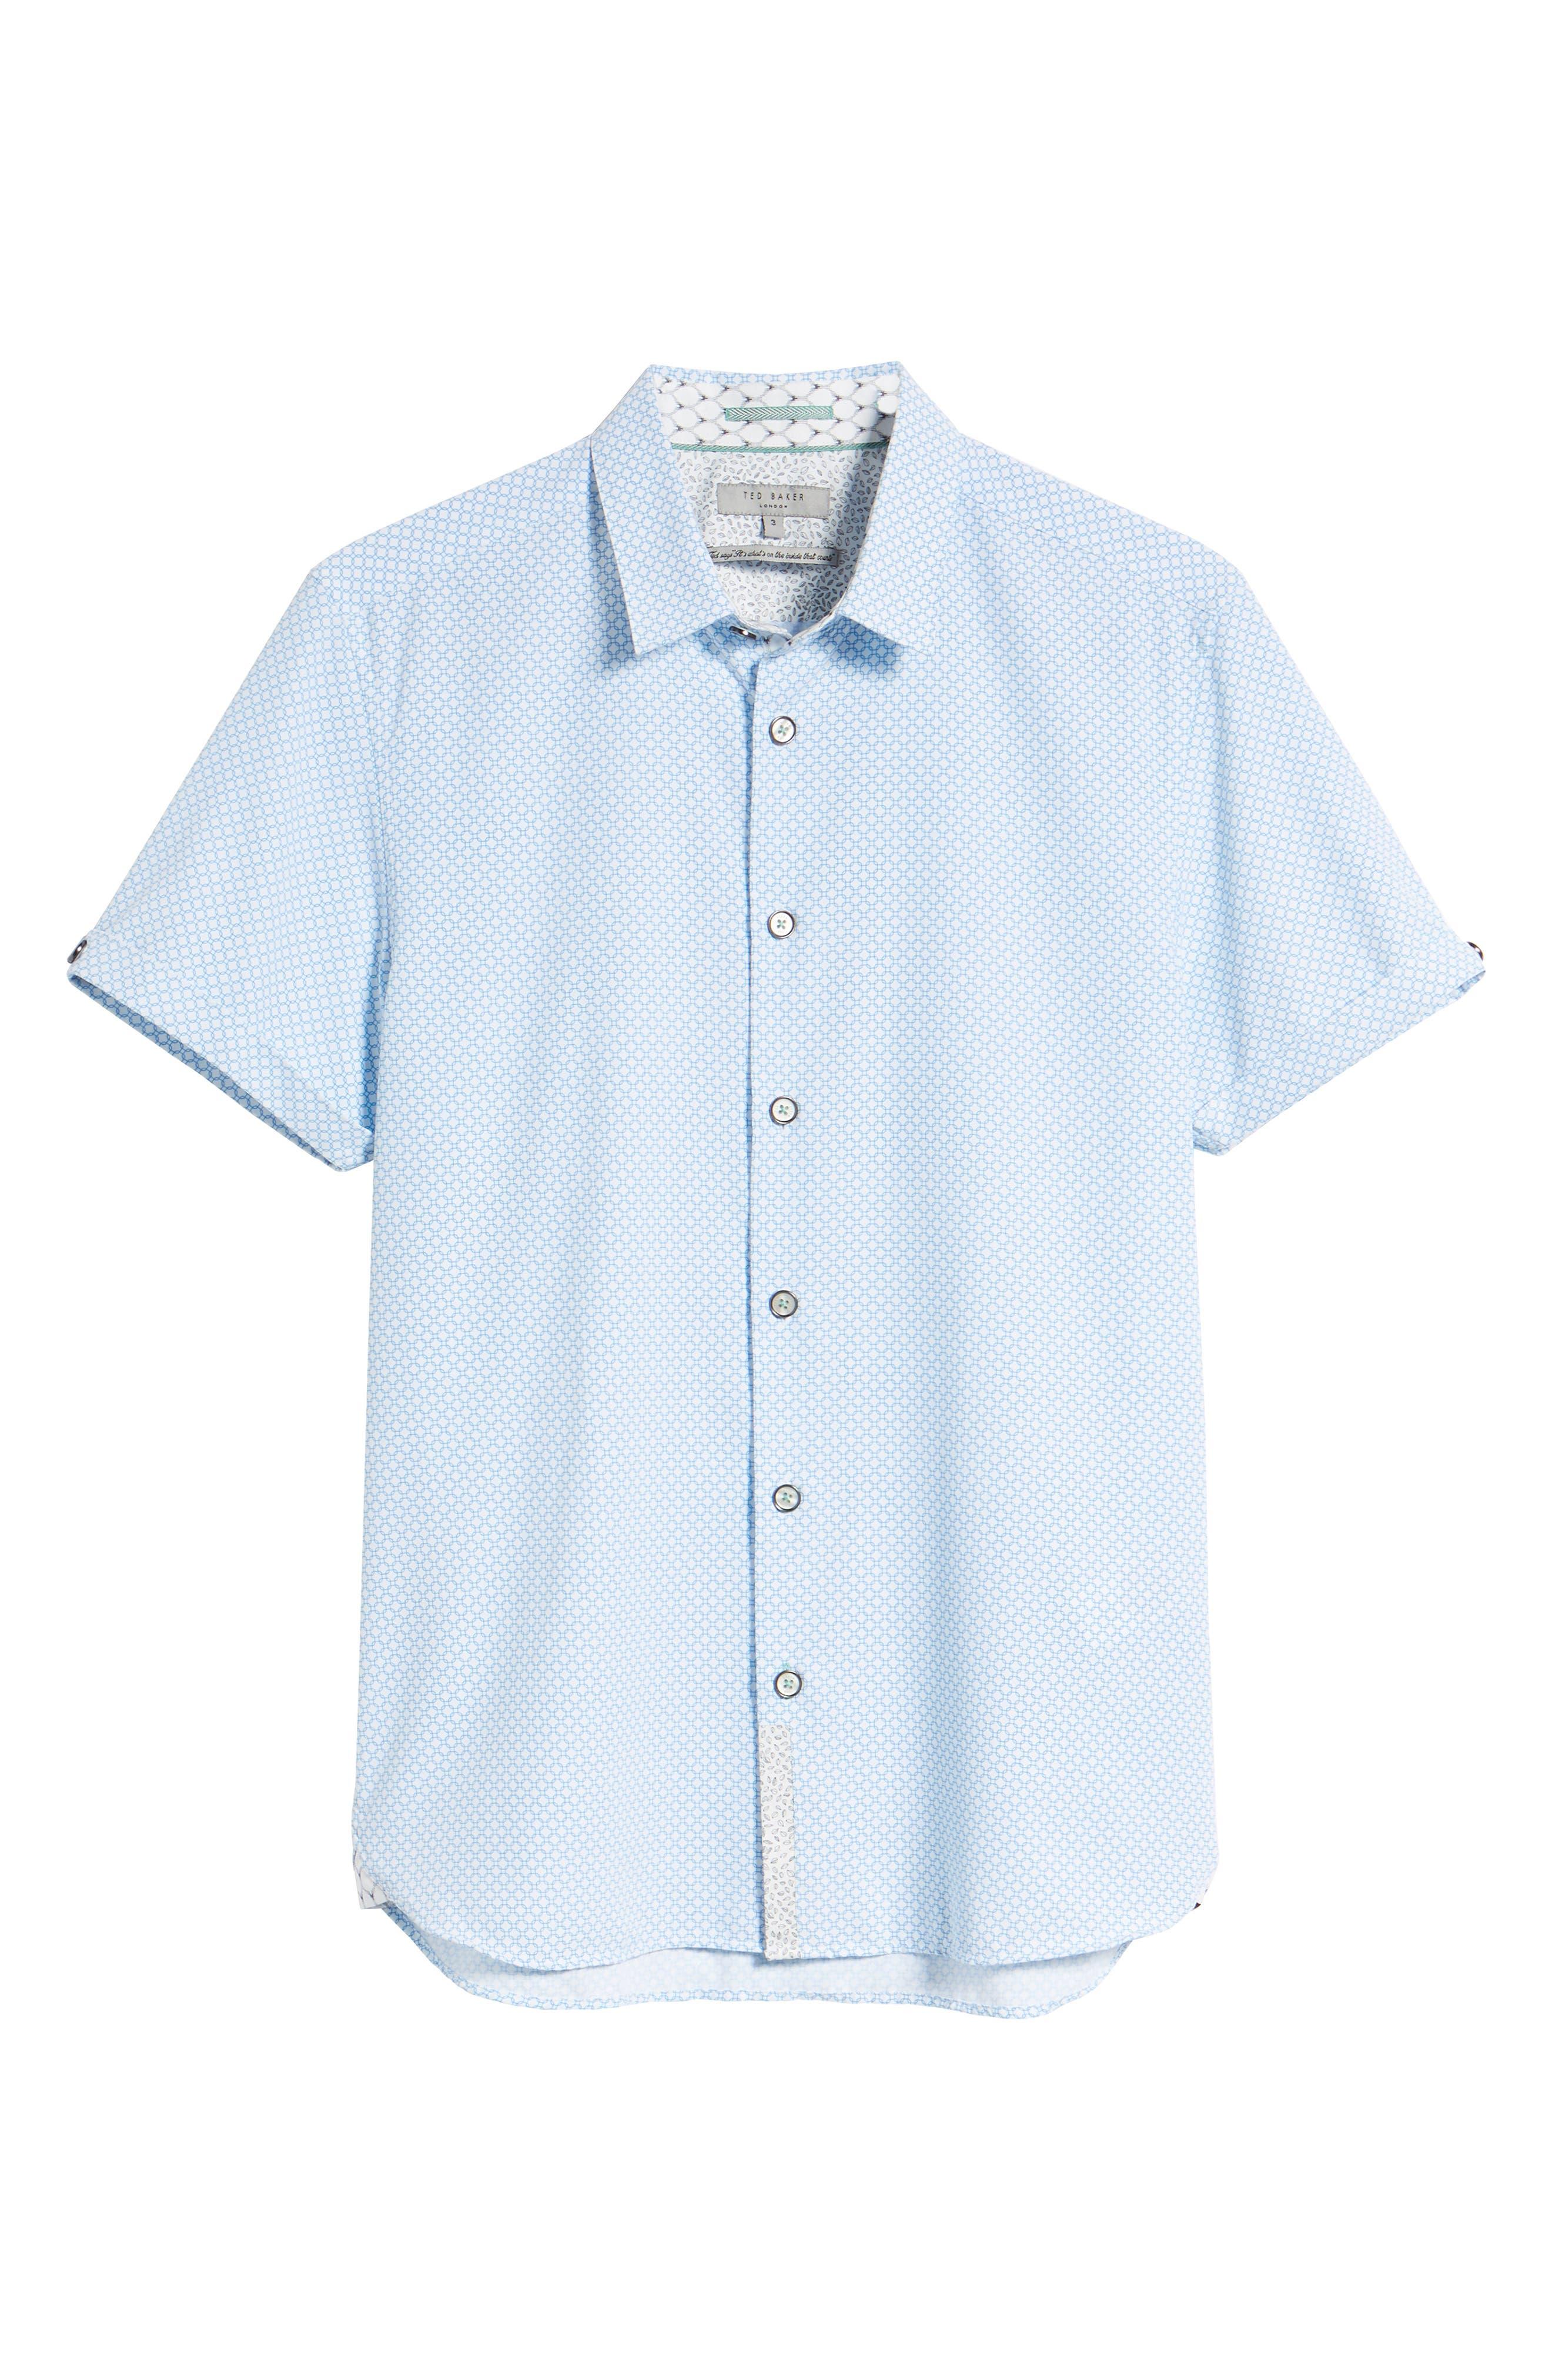 Slim Fit Short Sleeve Sport Shirt,                             Alternate thumbnail 6, color,                             WHITE